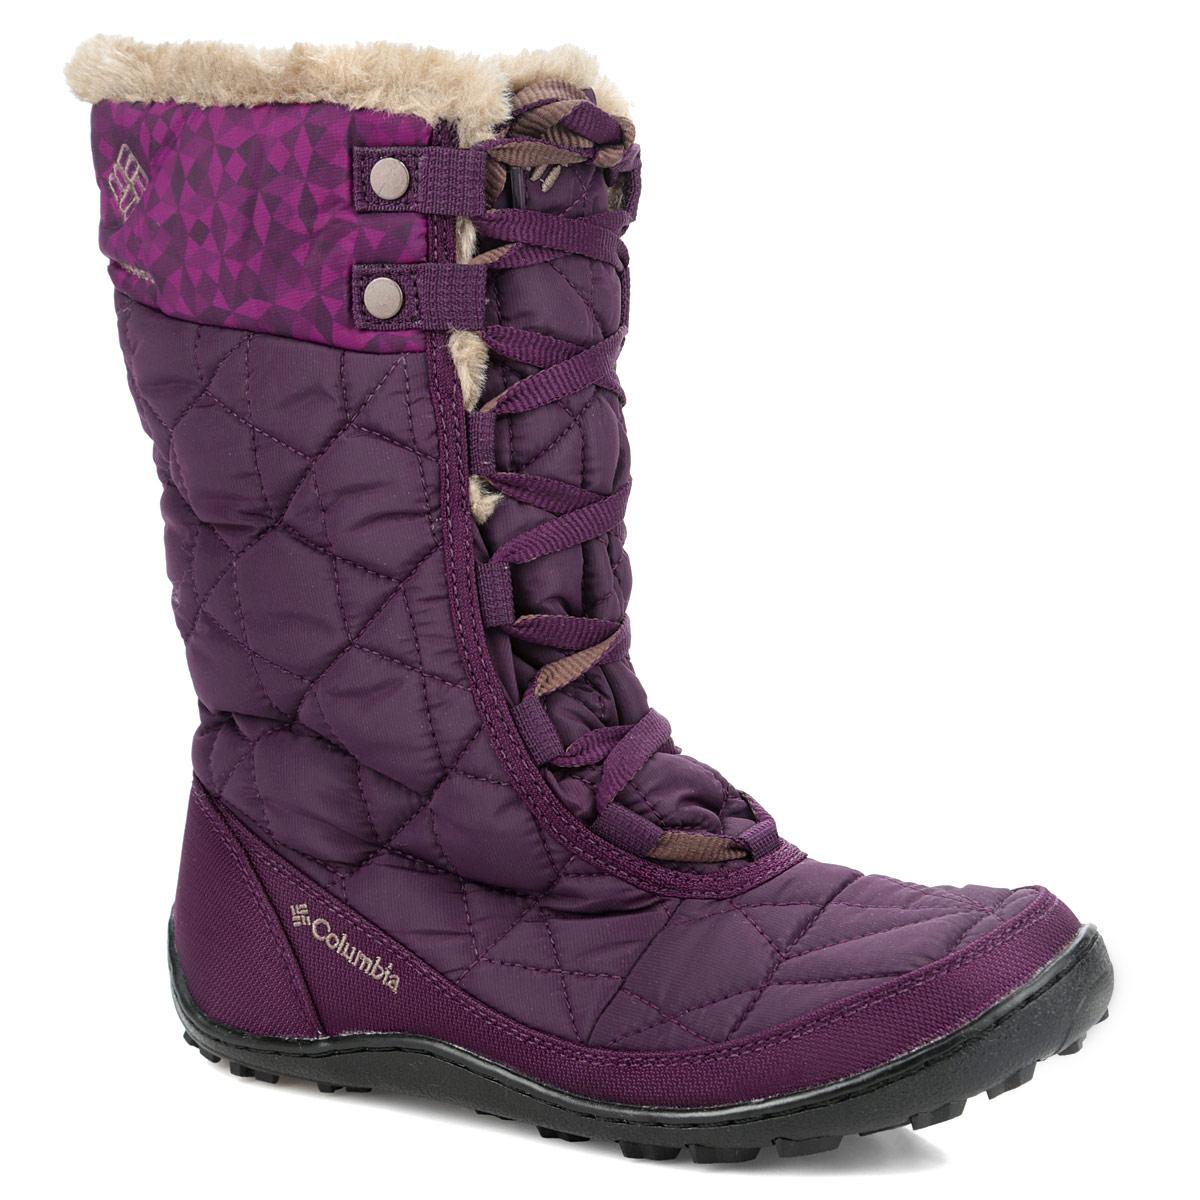 Сапоги женские Minx Mid II Omni-Heat PrintBL1587Стильные зимние женские сапоги Minx Mid II Omni-Heat Print от Columbia, изготовленные из влагонепроницаемого текстиля, предназначены для активного отдыха и повседневной носки. Верх модели выполнен из нейлона с прочными накладками для износоустойчивости. Подкладка с технологией Omni-Heat Reflective сохранит ваши ноги в тепле. Благодаря утеплителю Omni-Heat плотностью 200 гр. сапоги прекрасно сохраняют тепло. На голенище и язычке подкладка выполнена из искусственного меха. Плотная шнуровка надежно фиксирует модель на ноге. Верх сапог декорирован отстрочкой, вышитым логотипом бренда и опушкой из искусственного меха. Подошва с технологией Techlite выполнена из гибкого, легкого материала обладающего отличной амортизацией. Подметка с технологией Omni-Grip со специальным рисунком протектора обеспечит надежное сцепление на зимних поверхностях. Эти сапоги можно сочетать с самыми разнообразными вещами вашего гардероба, они сделают вас ярче и подчеркнут ваш индивидуальный стиль.